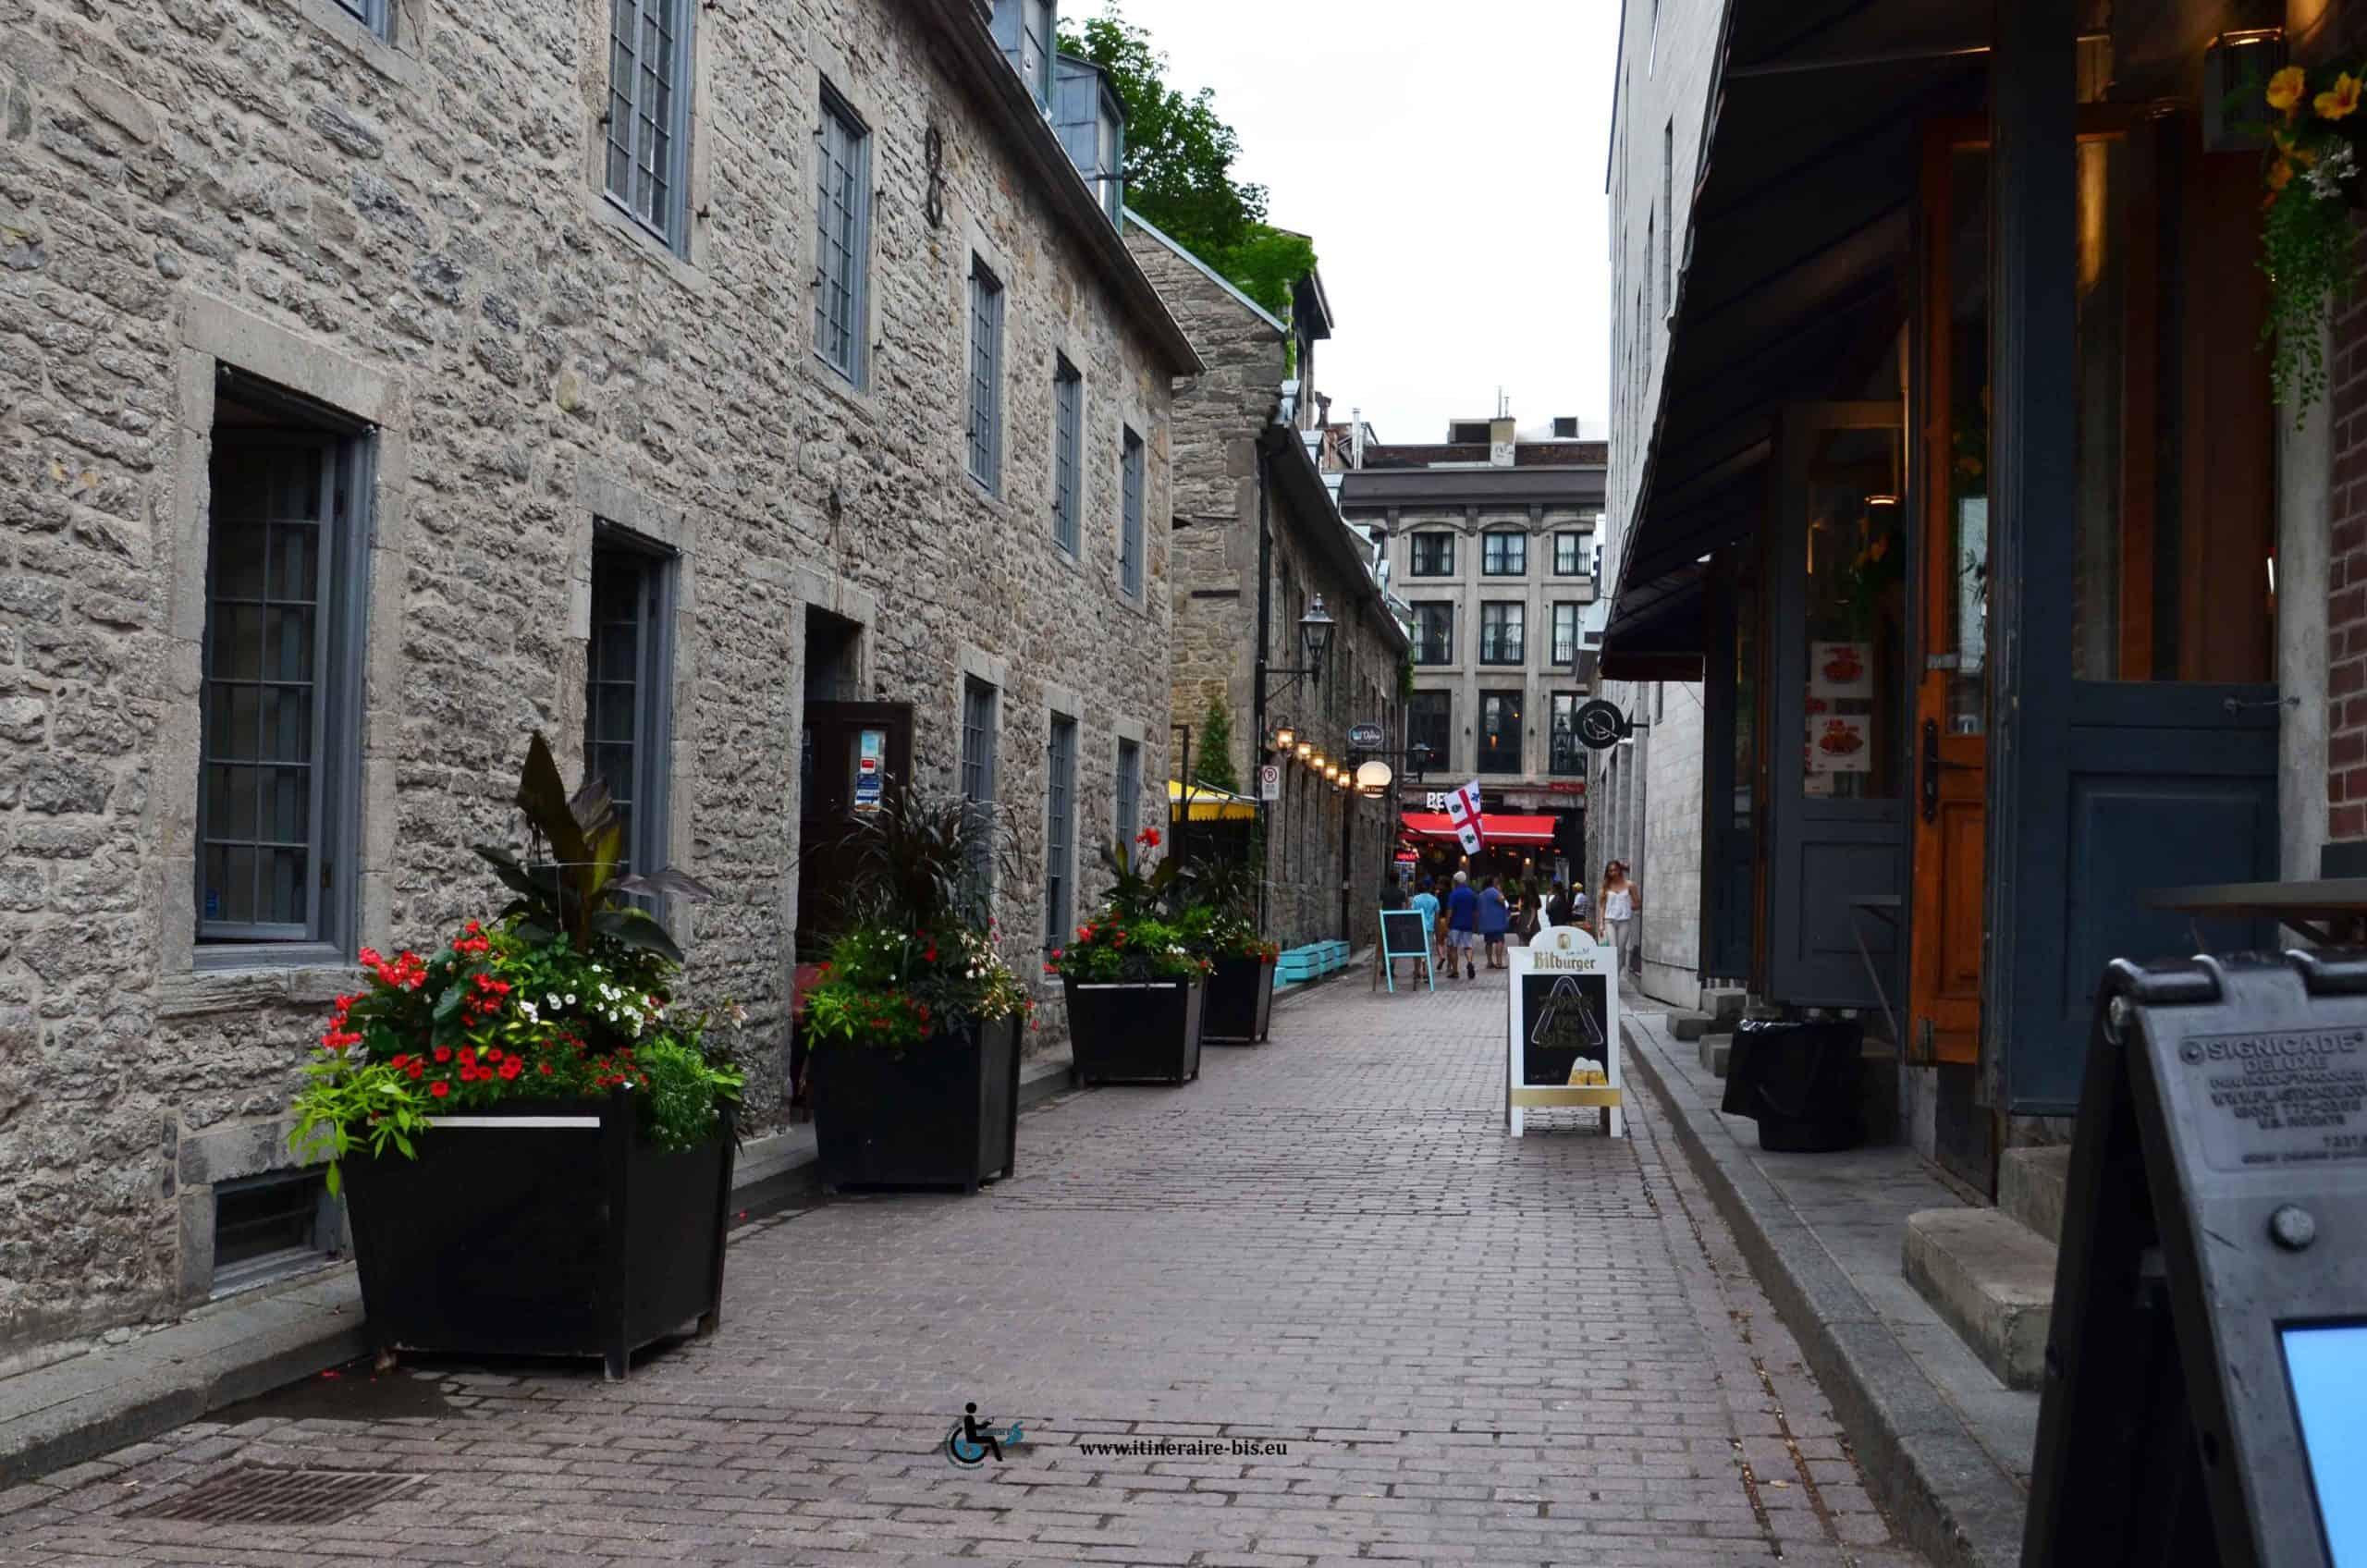 Les pierres grises sont typiques de Montréal